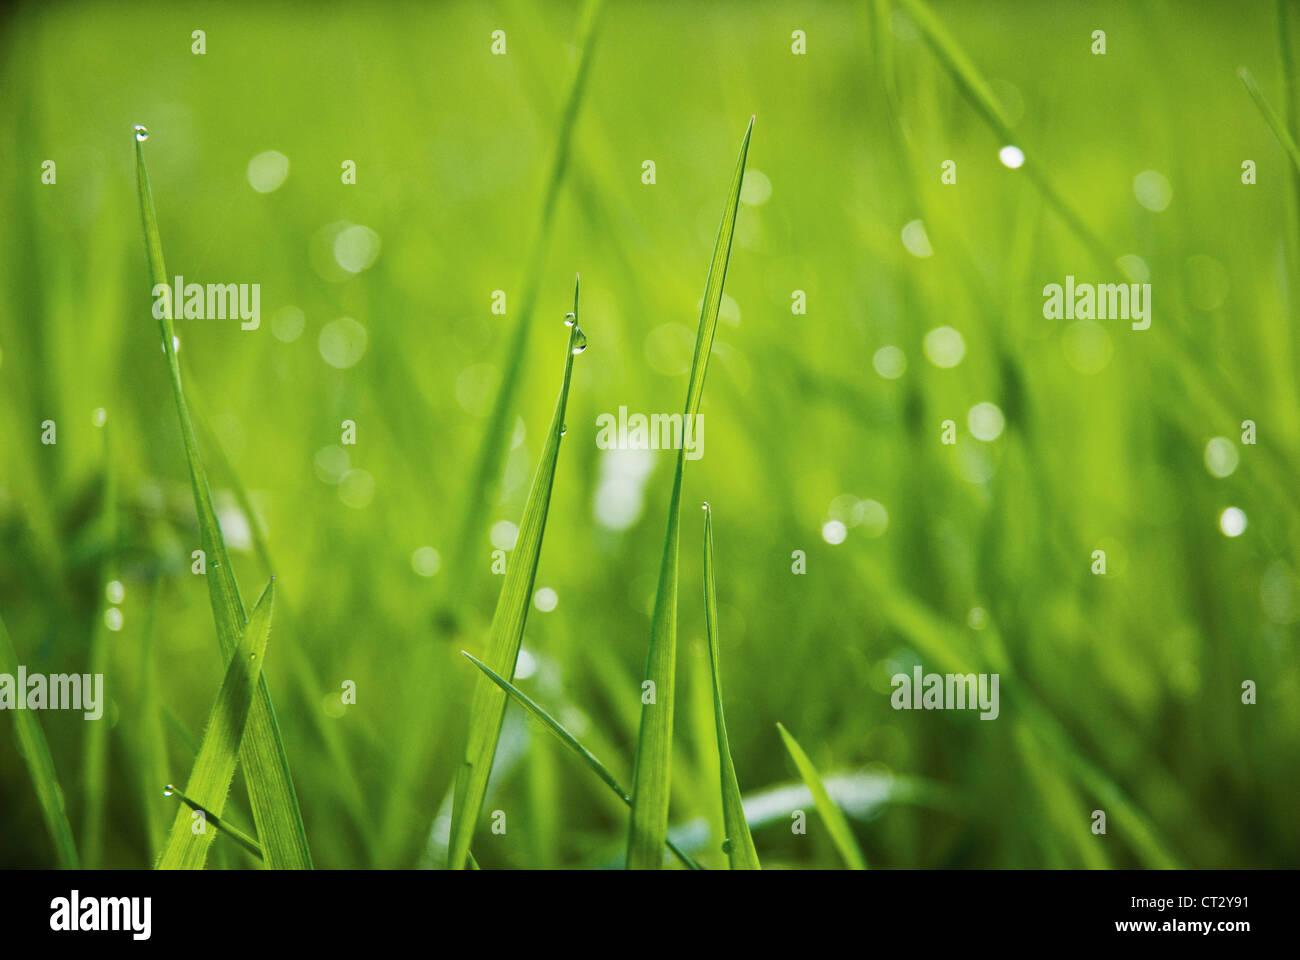 Près de l'herbe jusqu'au niveau du sol avec de l'eau gouttelettes sur les lames vertes. Photo Stock